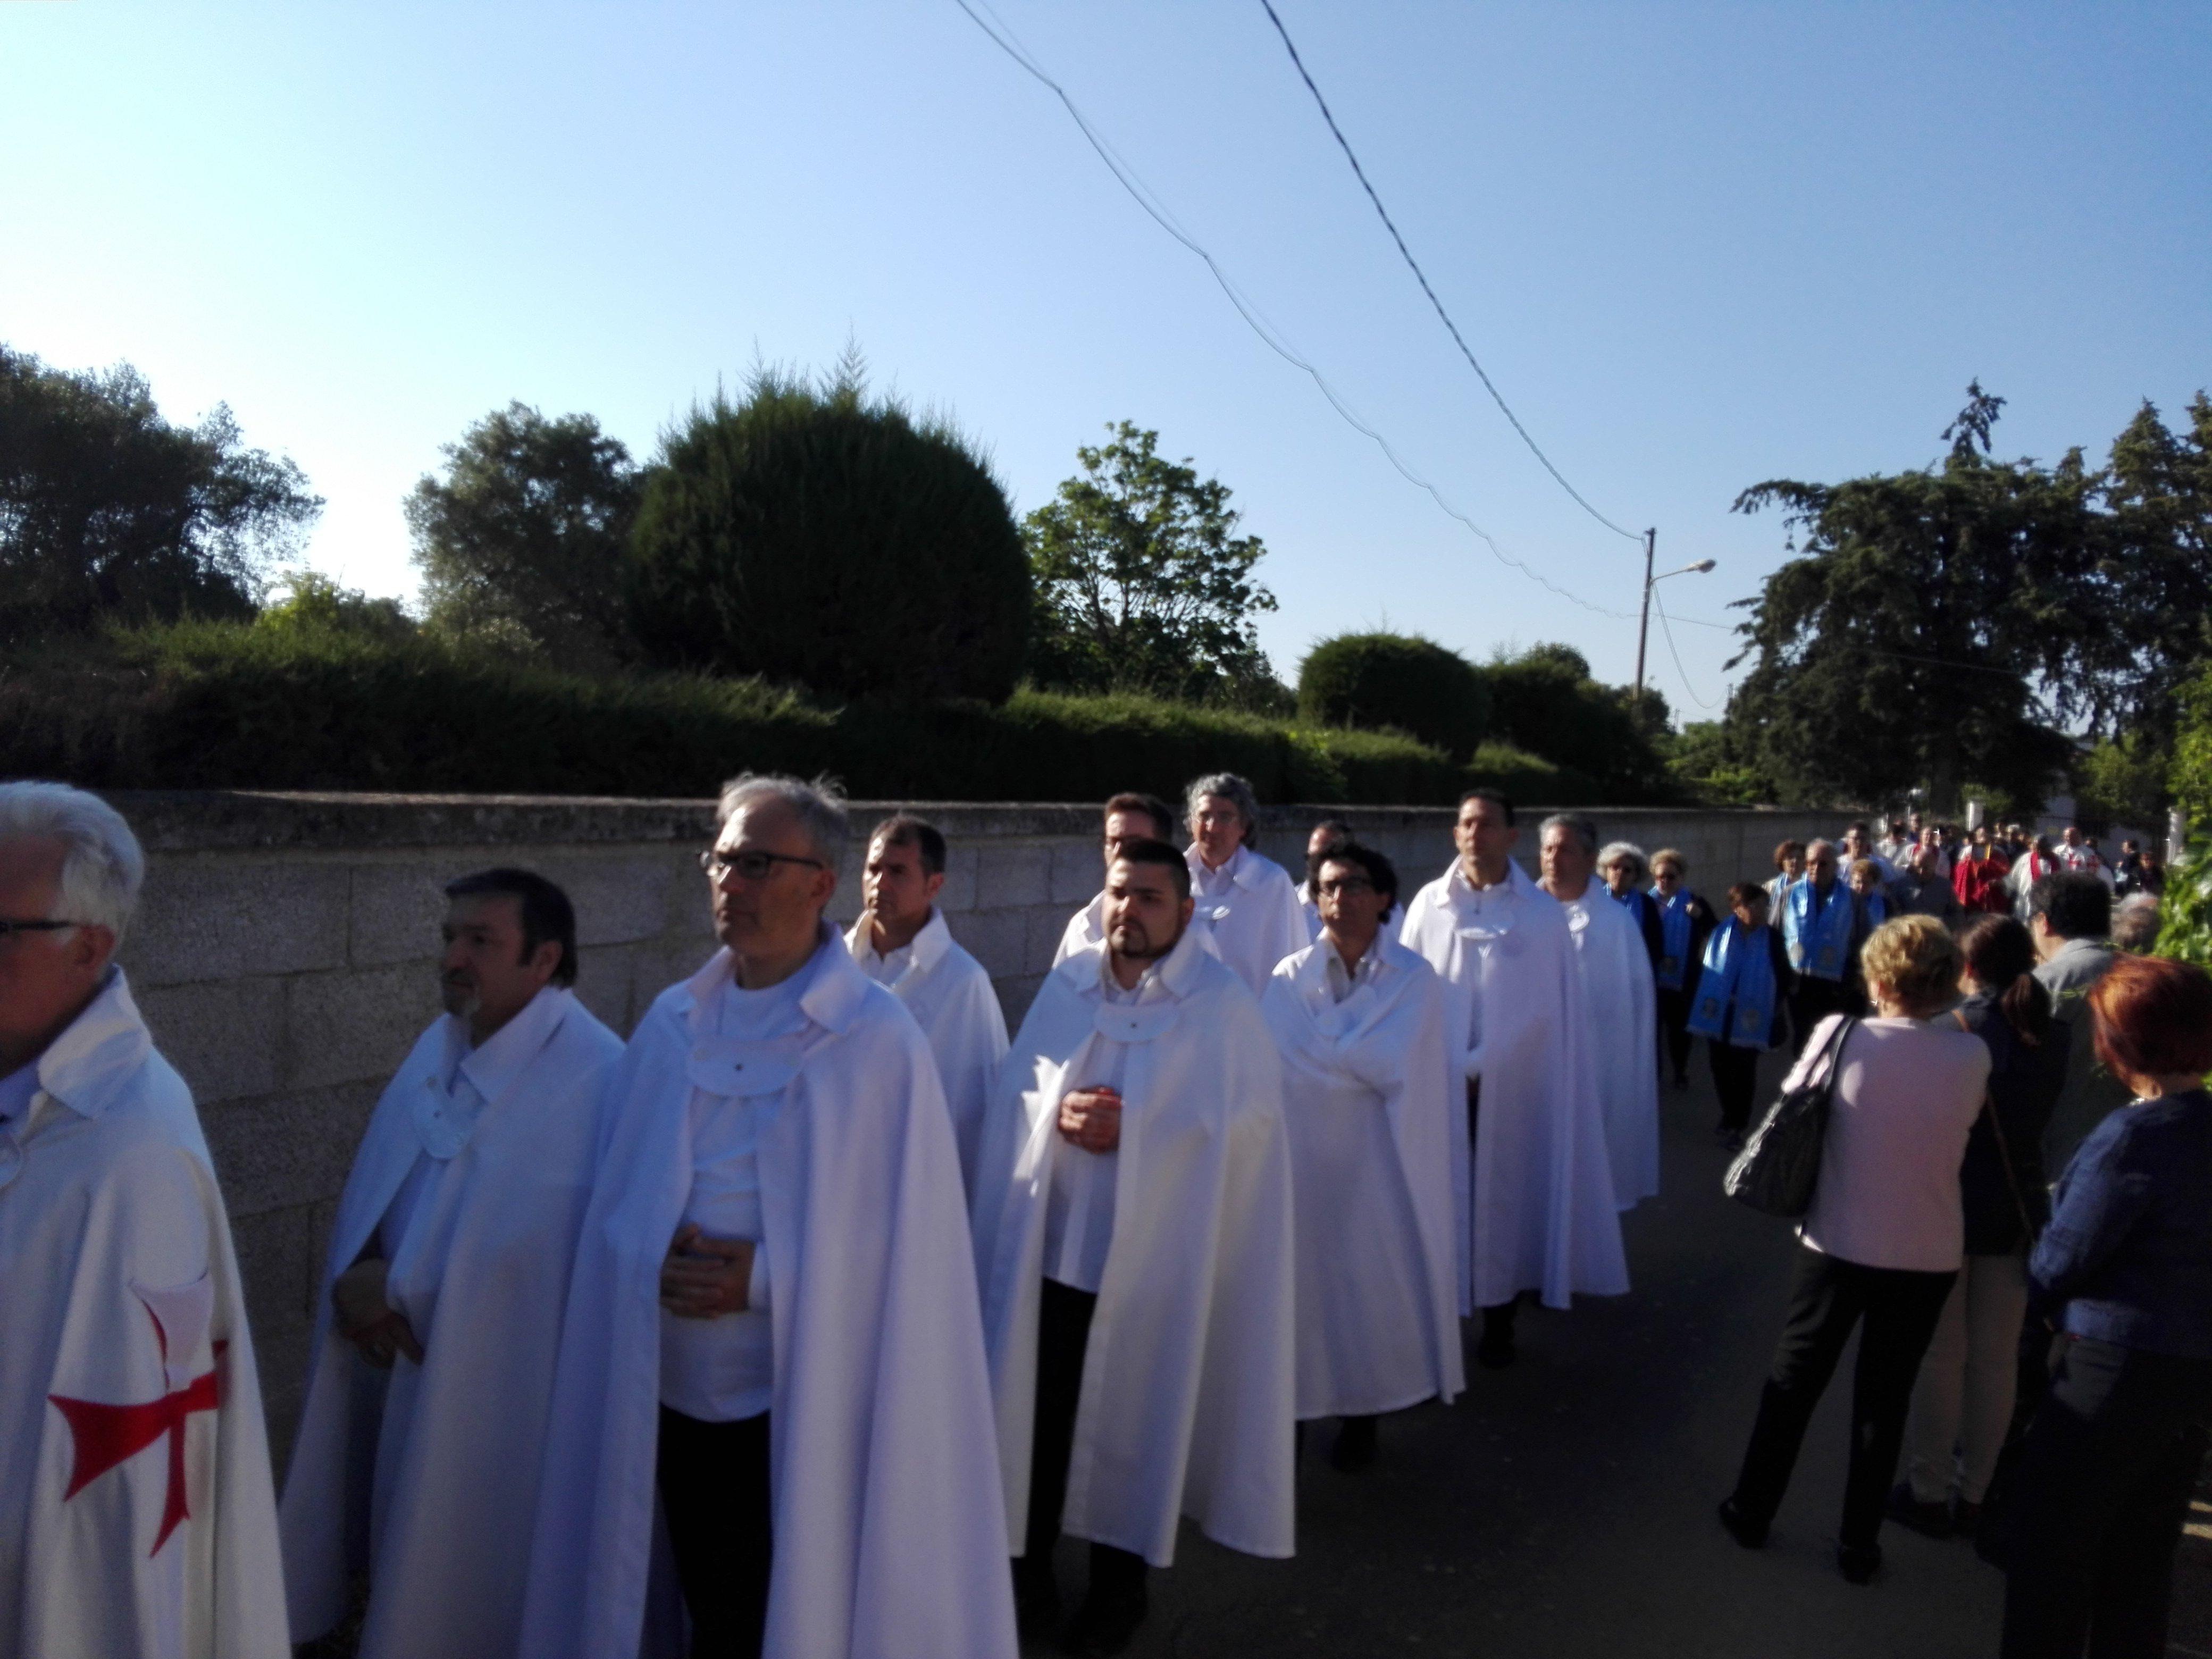 I Templari Cattolici d'Italia partecipano alle celebrazioni in occasione dell'ostensione della reliquia della Santa Sindone a Latiano.